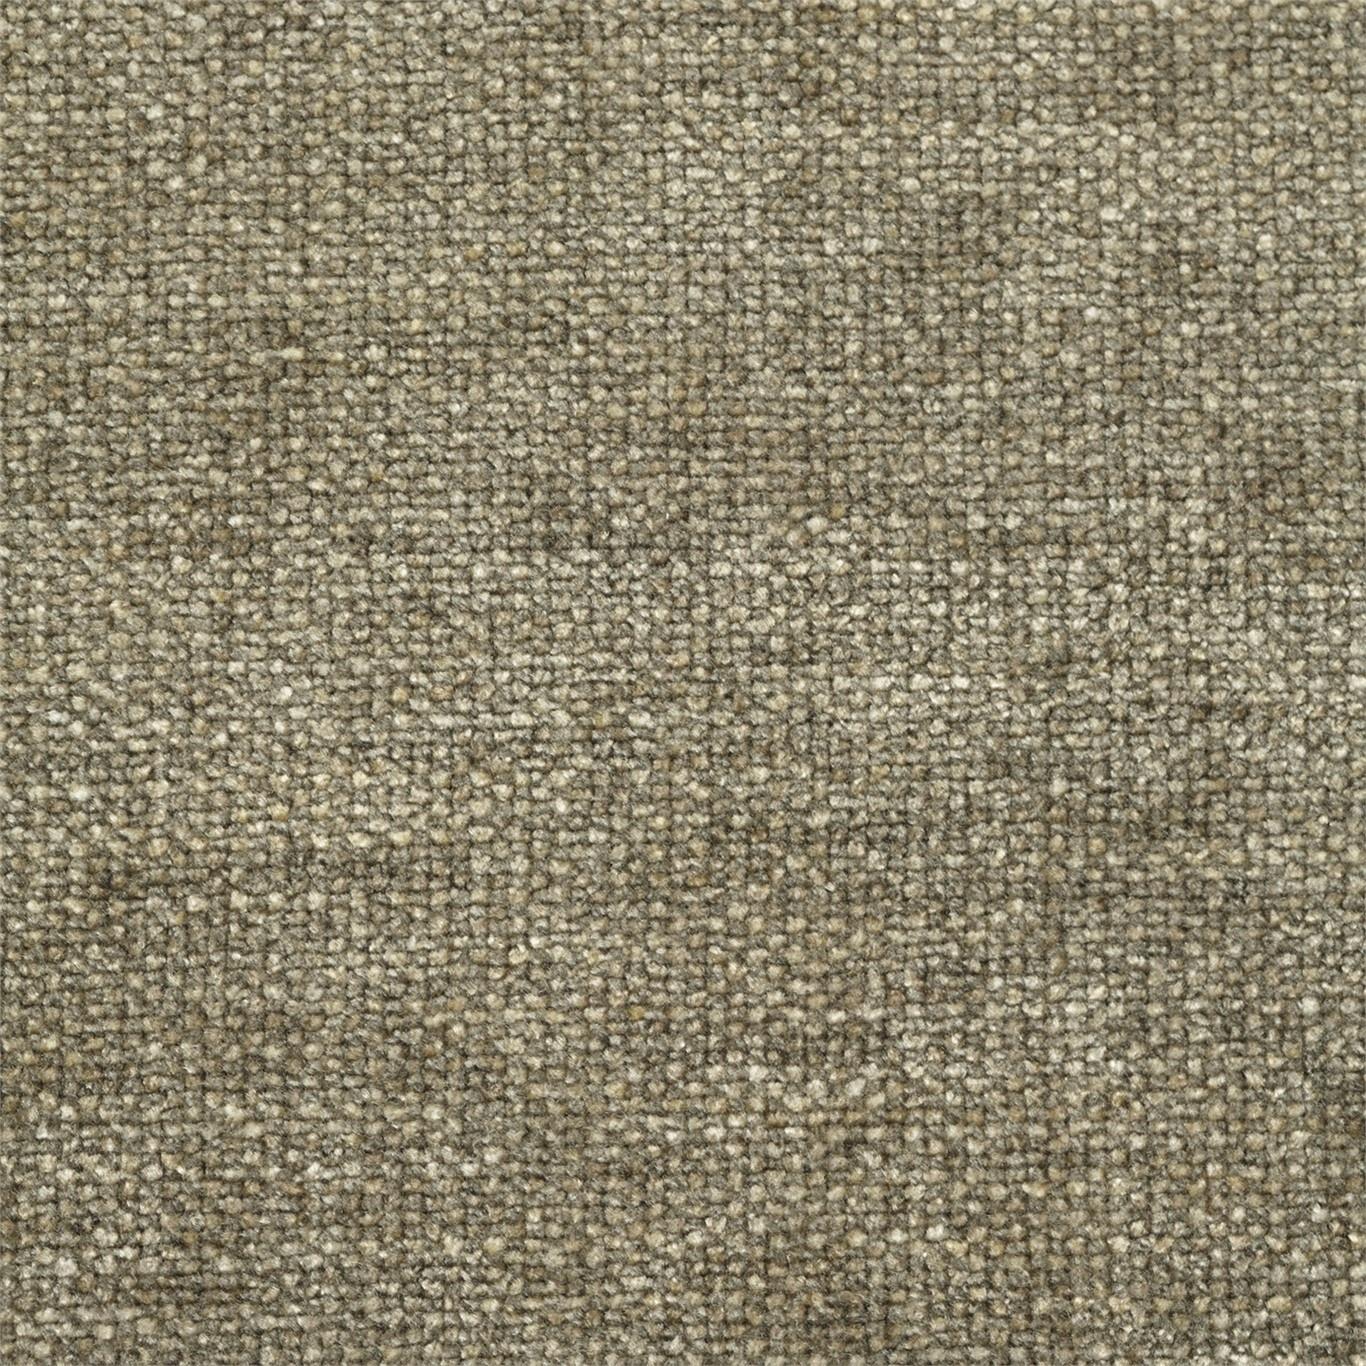 Image of Sanderson Moorbank Mushroom Fabric 236299